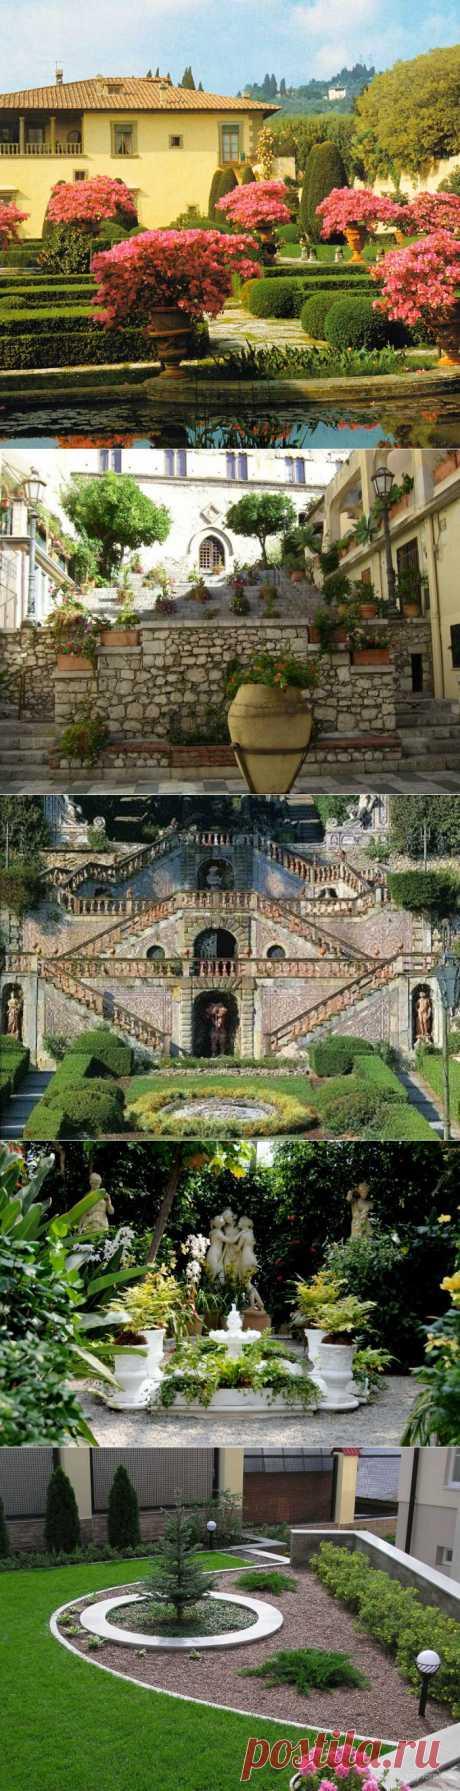 Национальные особенности садоводств. Итальянский сад. | МУЗА НАШЕГО ДВОРА